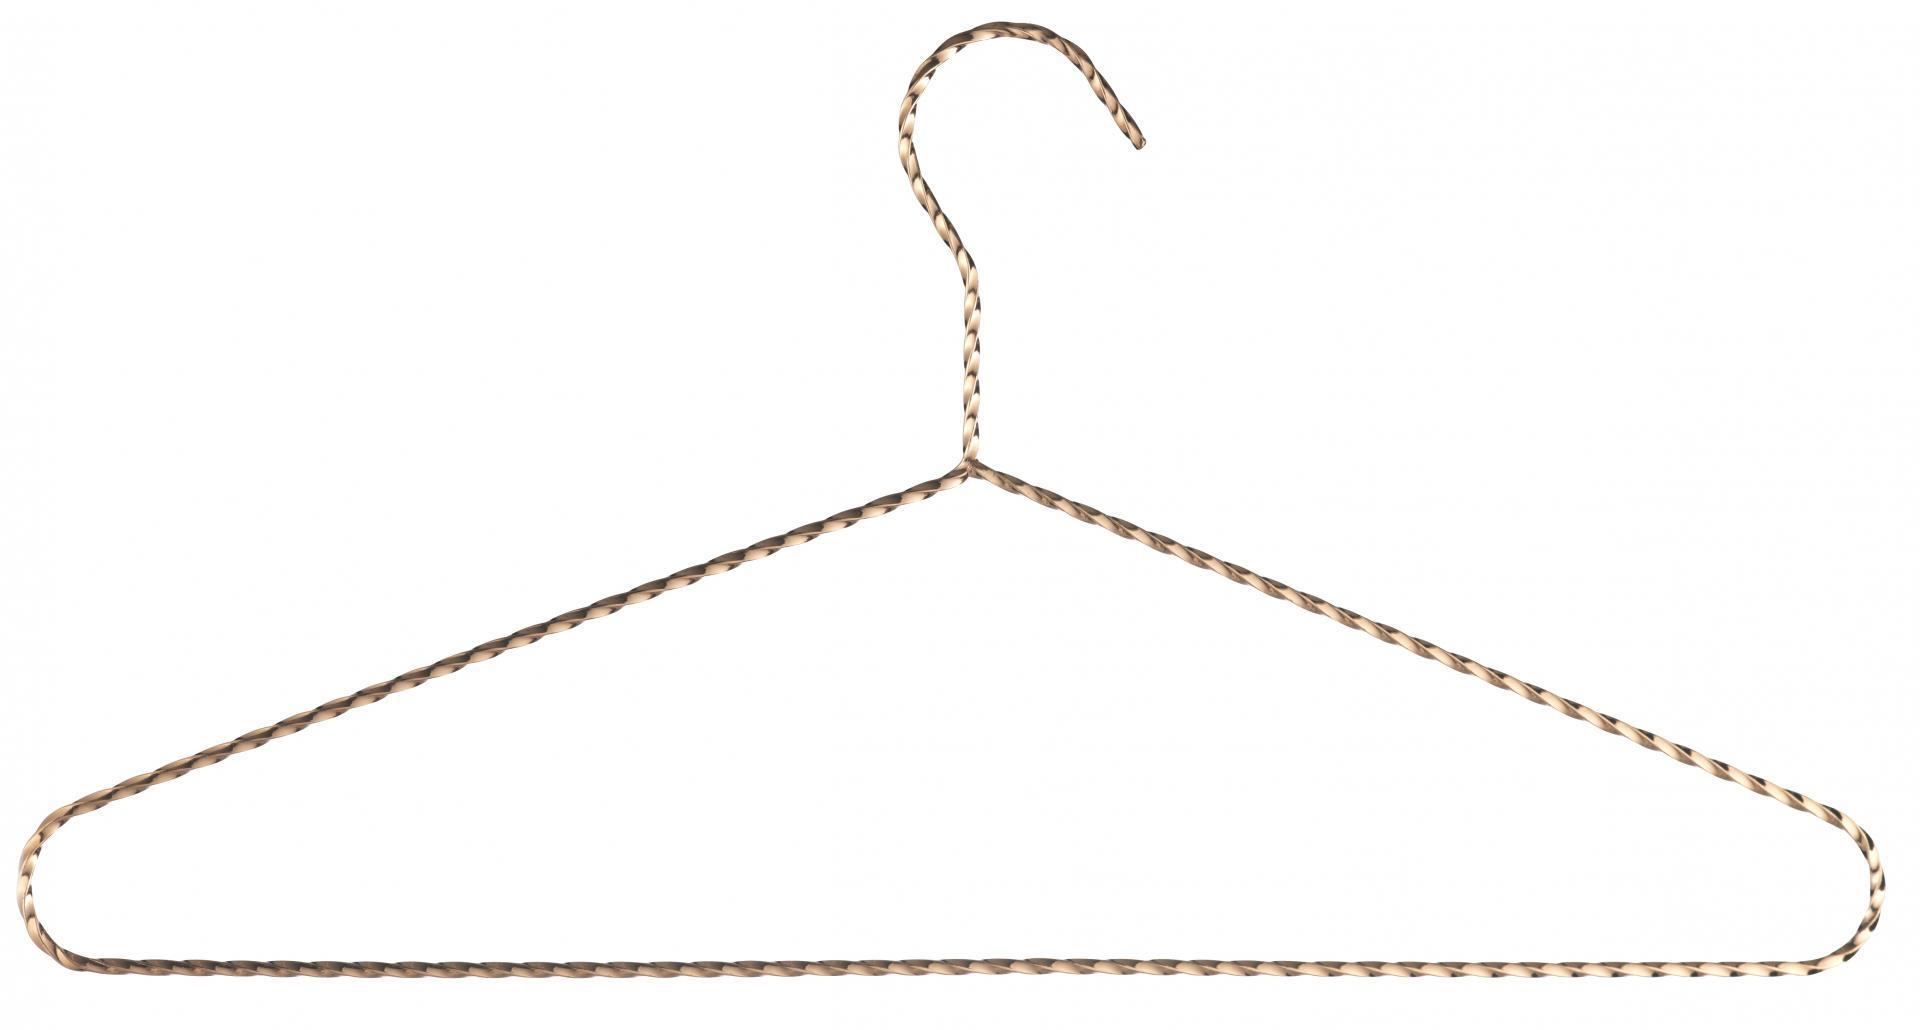 MADAM STOLTZ Ramínko na šaty Copper, žlutá barva, měděná barva, kov